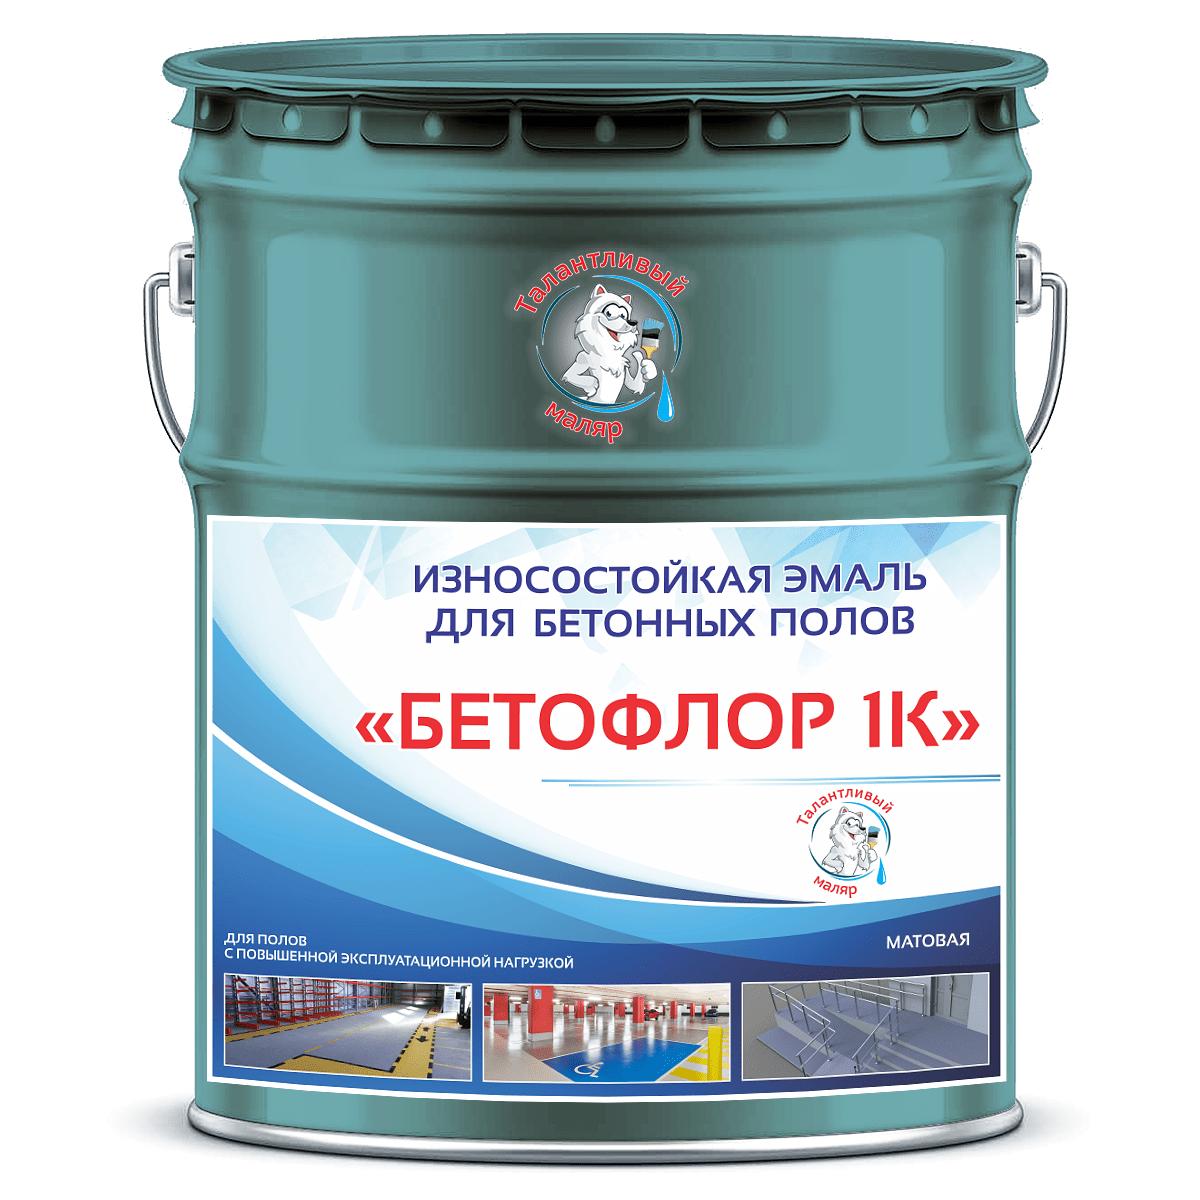 """Фото 14 - BF5001 Эмаль для бетонных полов """"Бетофлор"""" 1К цвет RAL 5001 Зелёно-синий, матовая износостойкая, 25 кг """"Талантливый Маляр""""."""